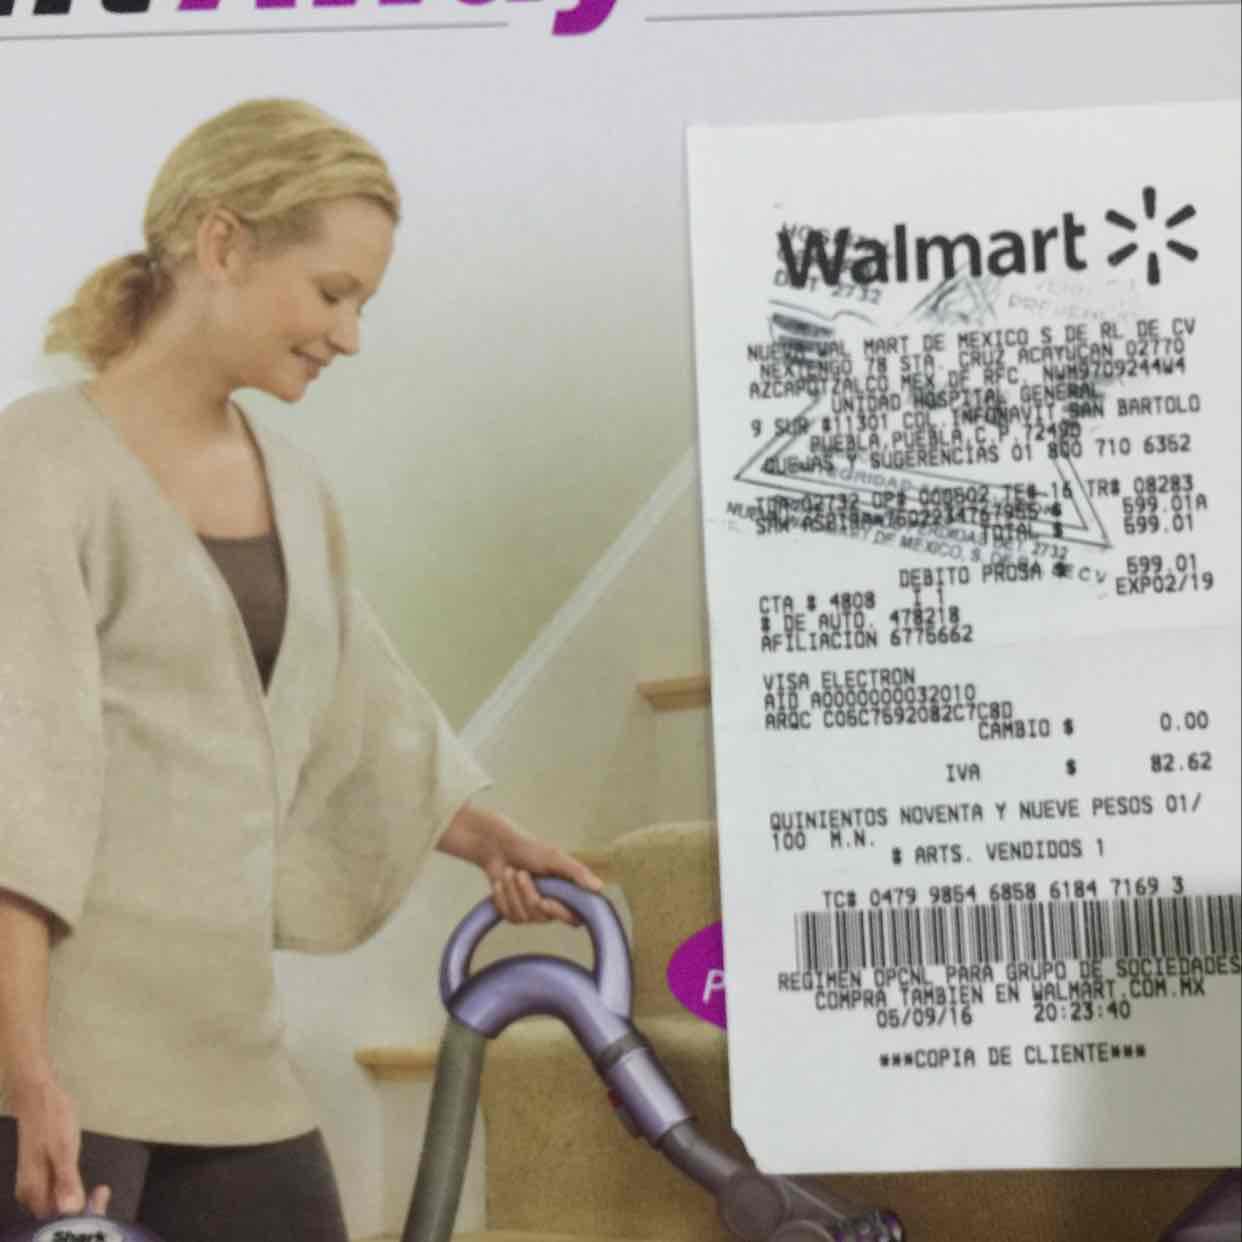 Walmart Puebla: Aspiradora shark lift awayen a $599.01